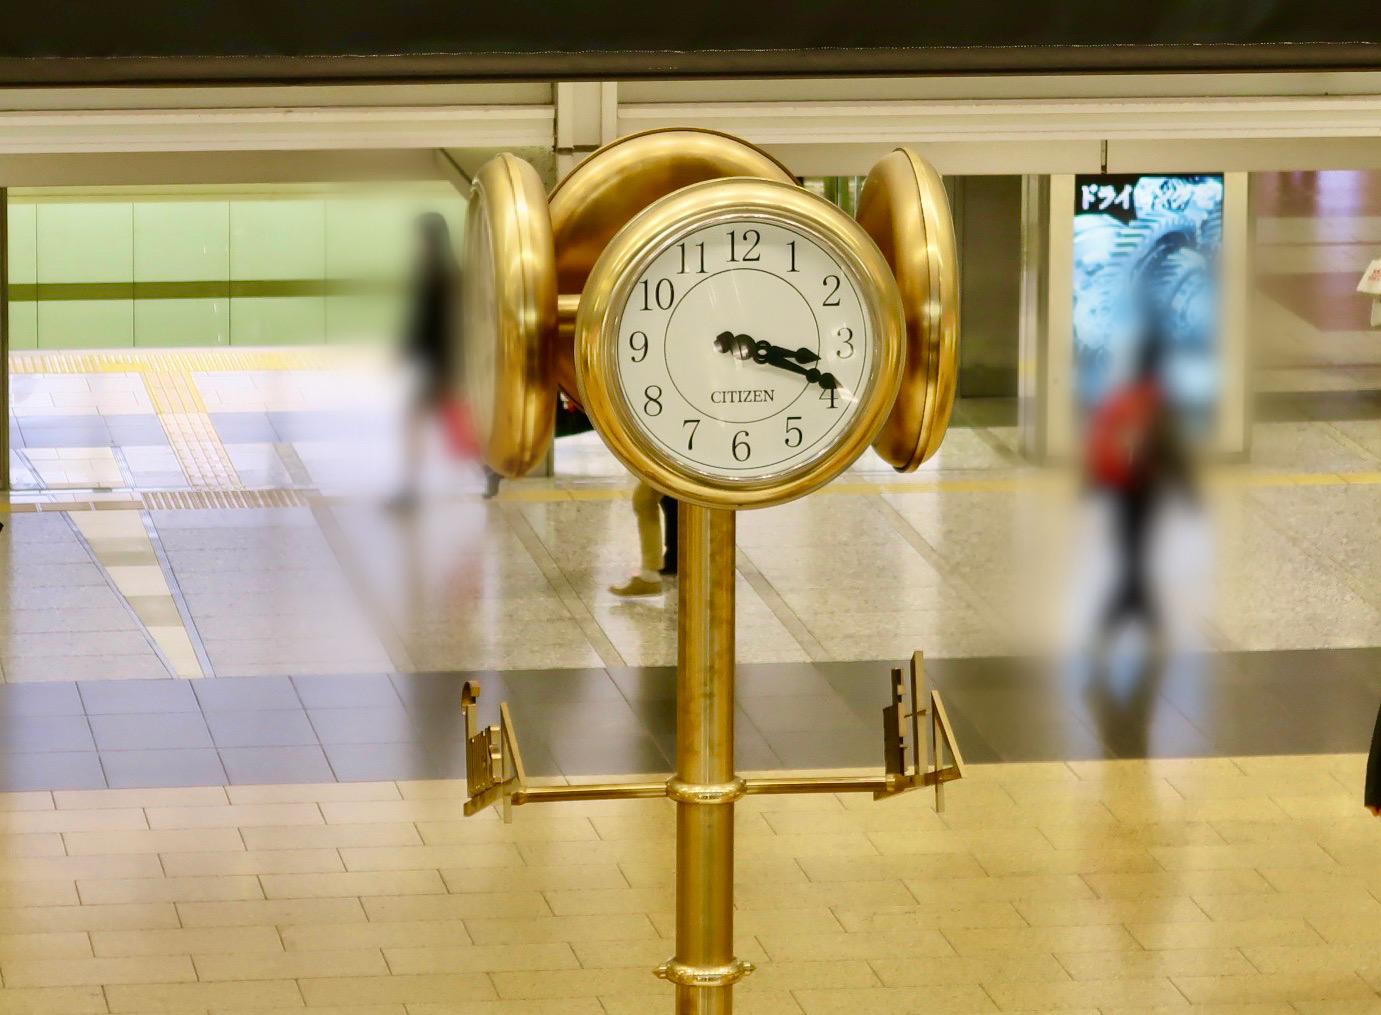 名古屋駅周辺でのんびり過ごそう!朝から晩まで癒しの旅を。 - BBFEBE15 B47B 475D 8B87 CEE46B3CE8B9